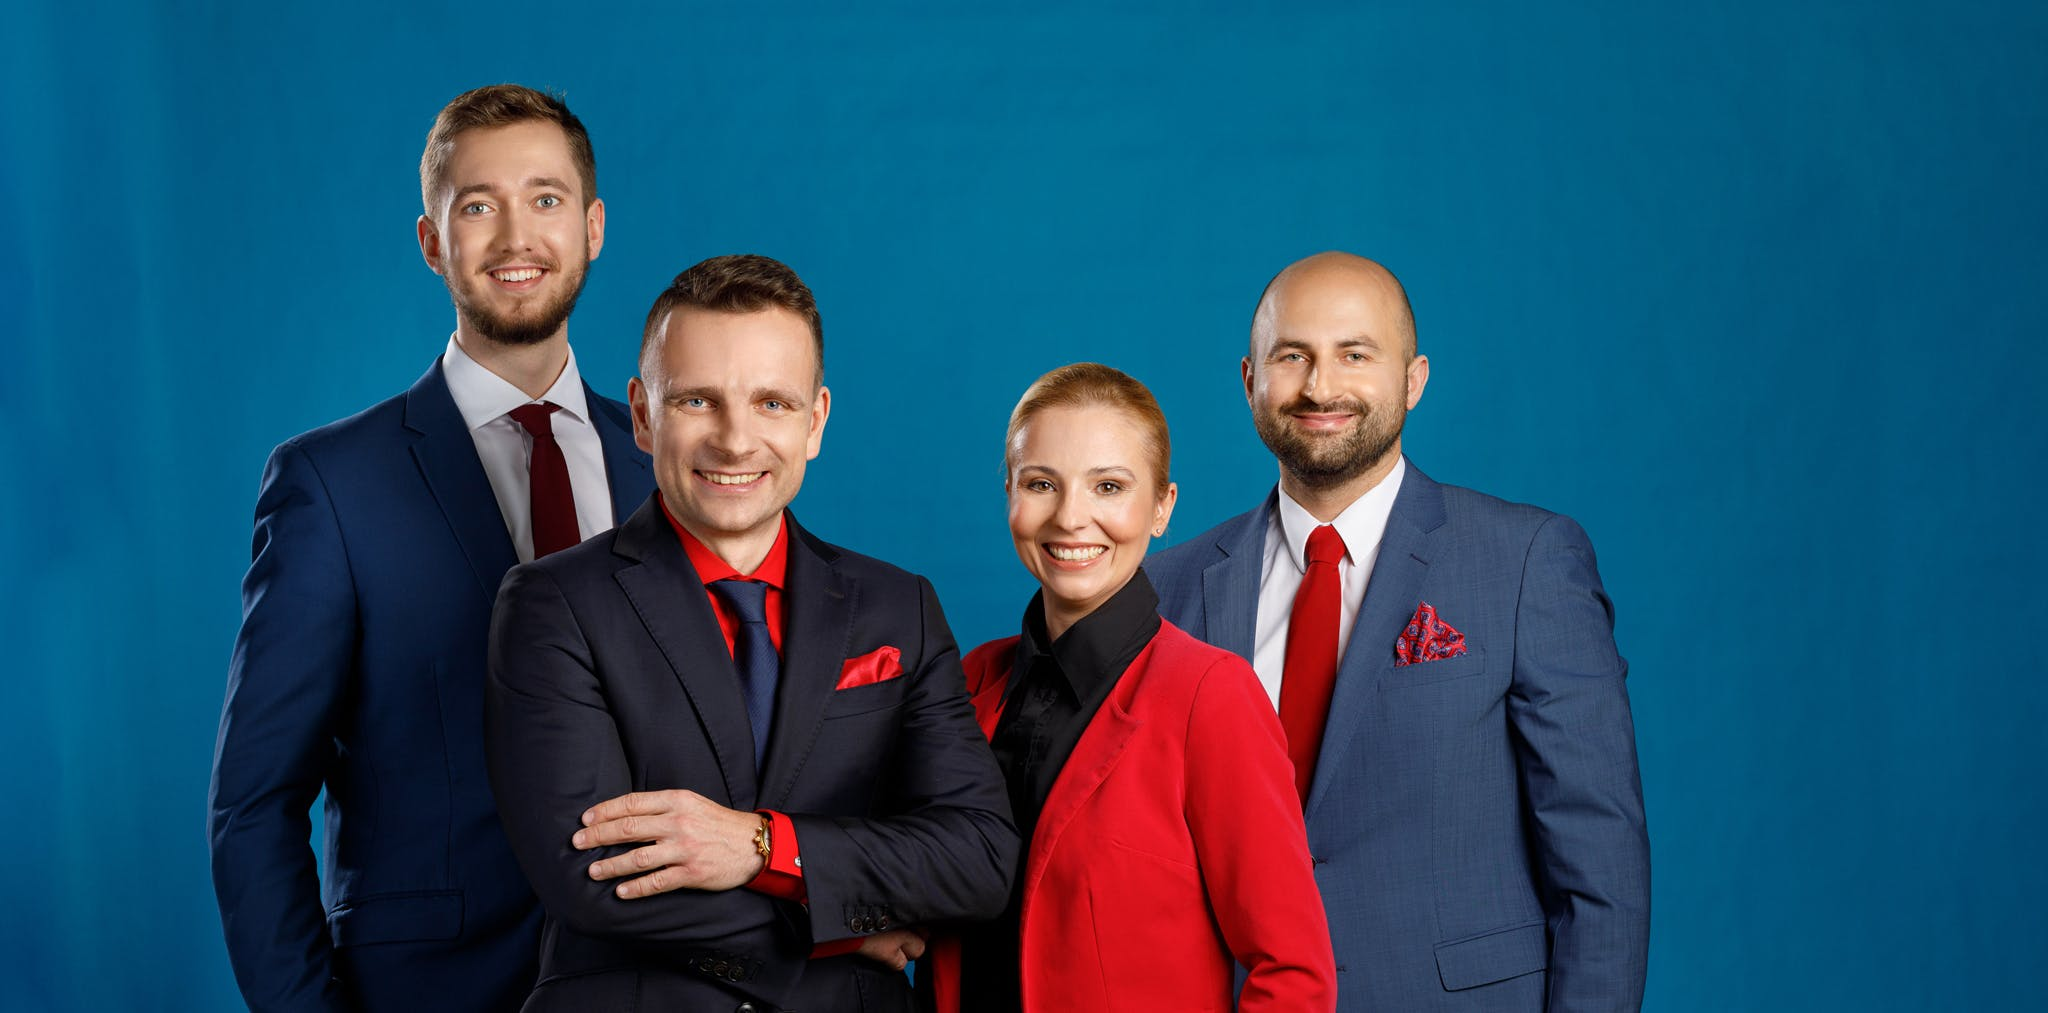 Lider Nieruchomości Otodom 2020, biuro ogólnopolskie: Tekton Property